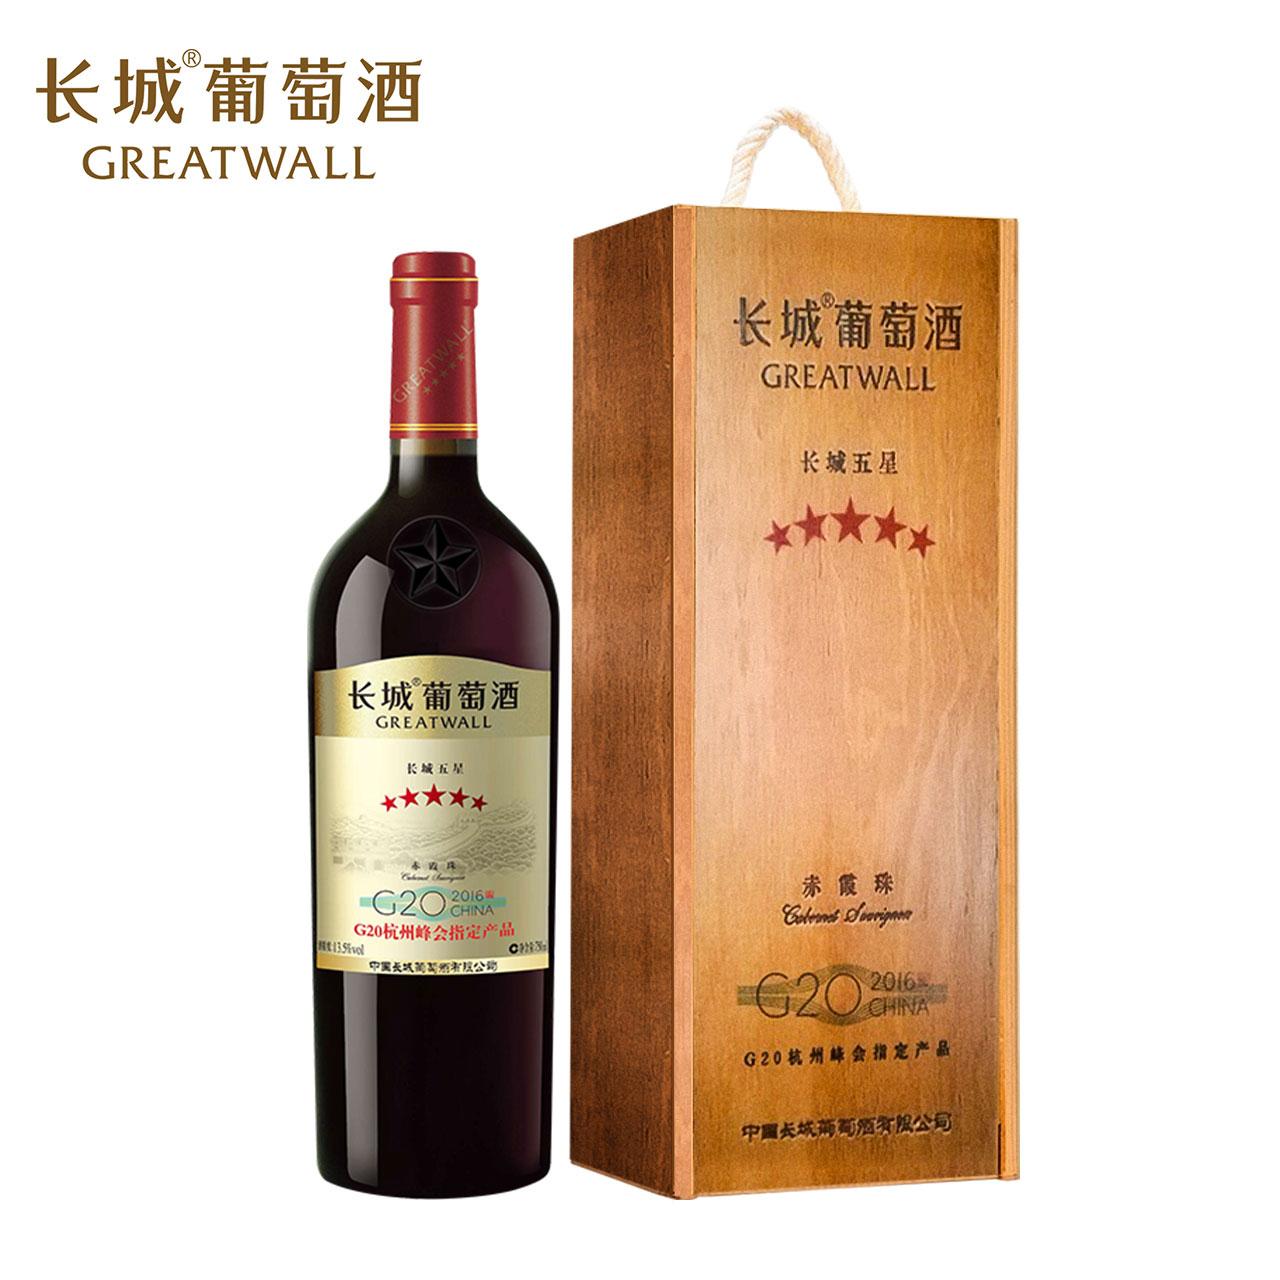 中粮长城干红葡萄酒长城五星赤霞珠干红酒单支  官方正品 750ml